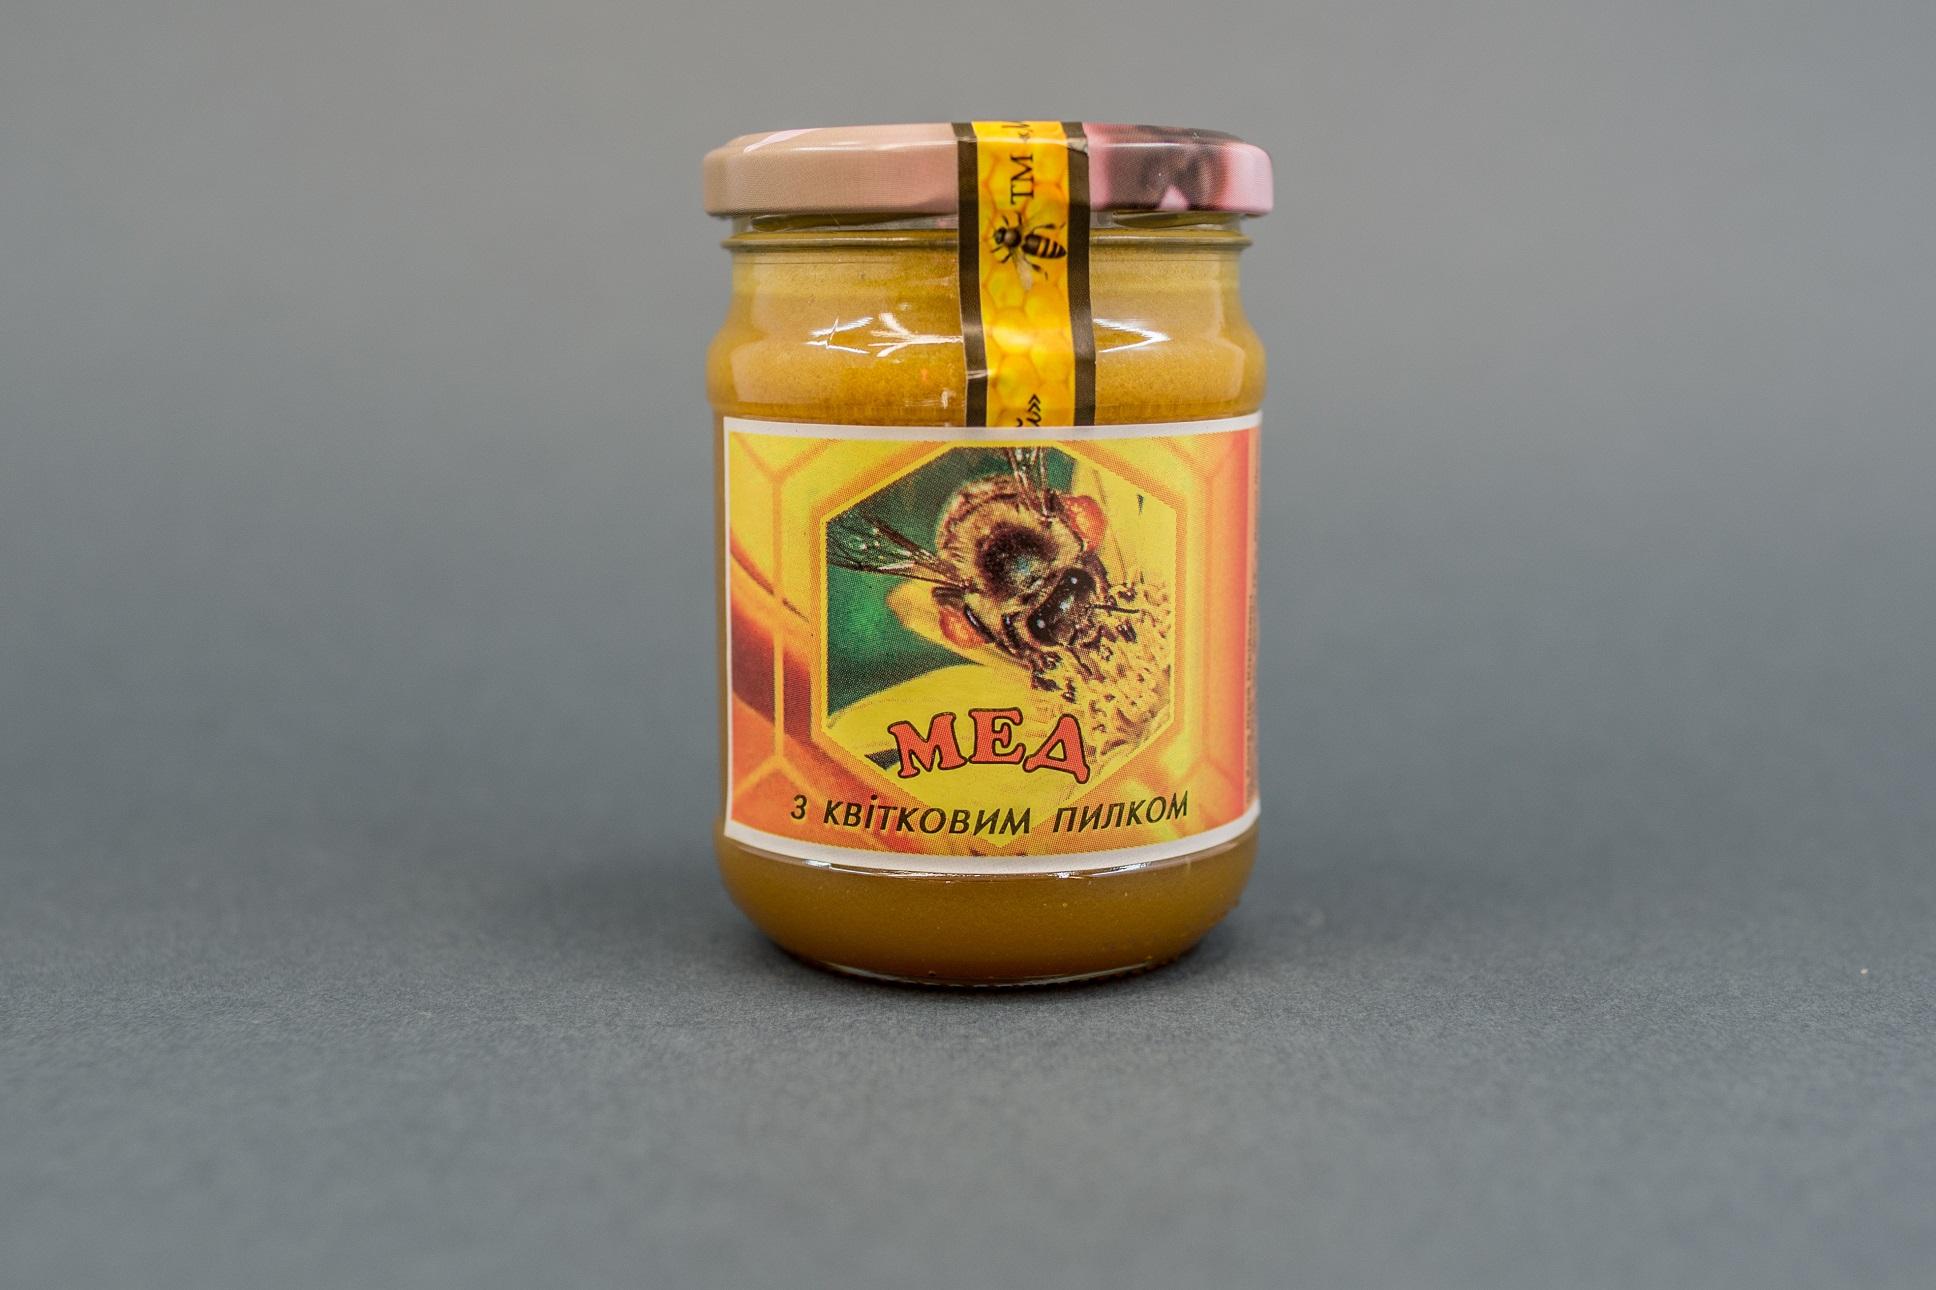 Мед з квітковим пилком